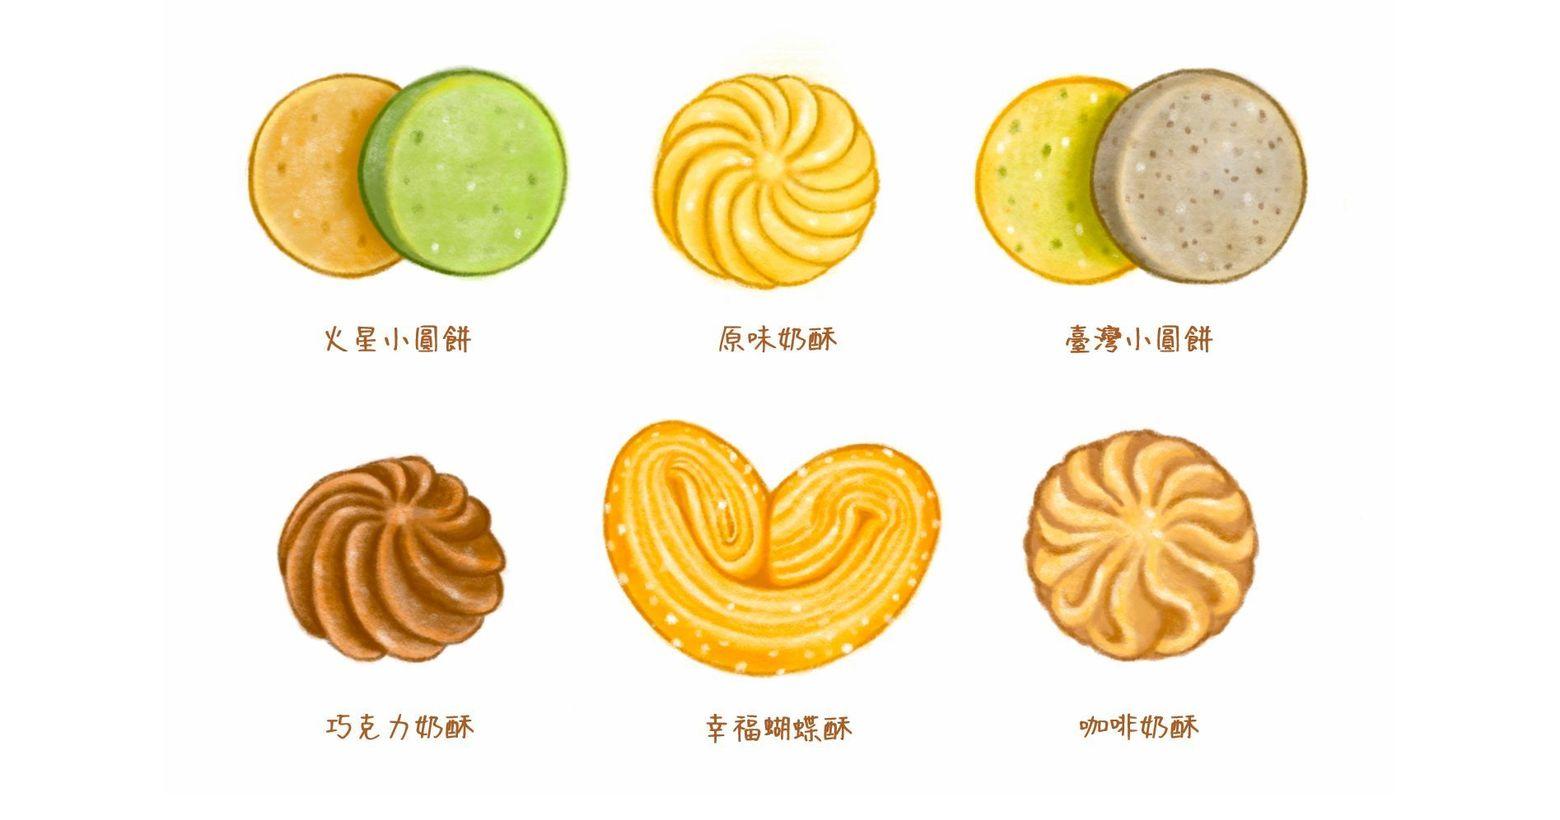 【Rose x 火星猴子】插畫美食開團囉!謝謝廠商的合作邀請,讓我可以在專頁上開團和大家分享美味